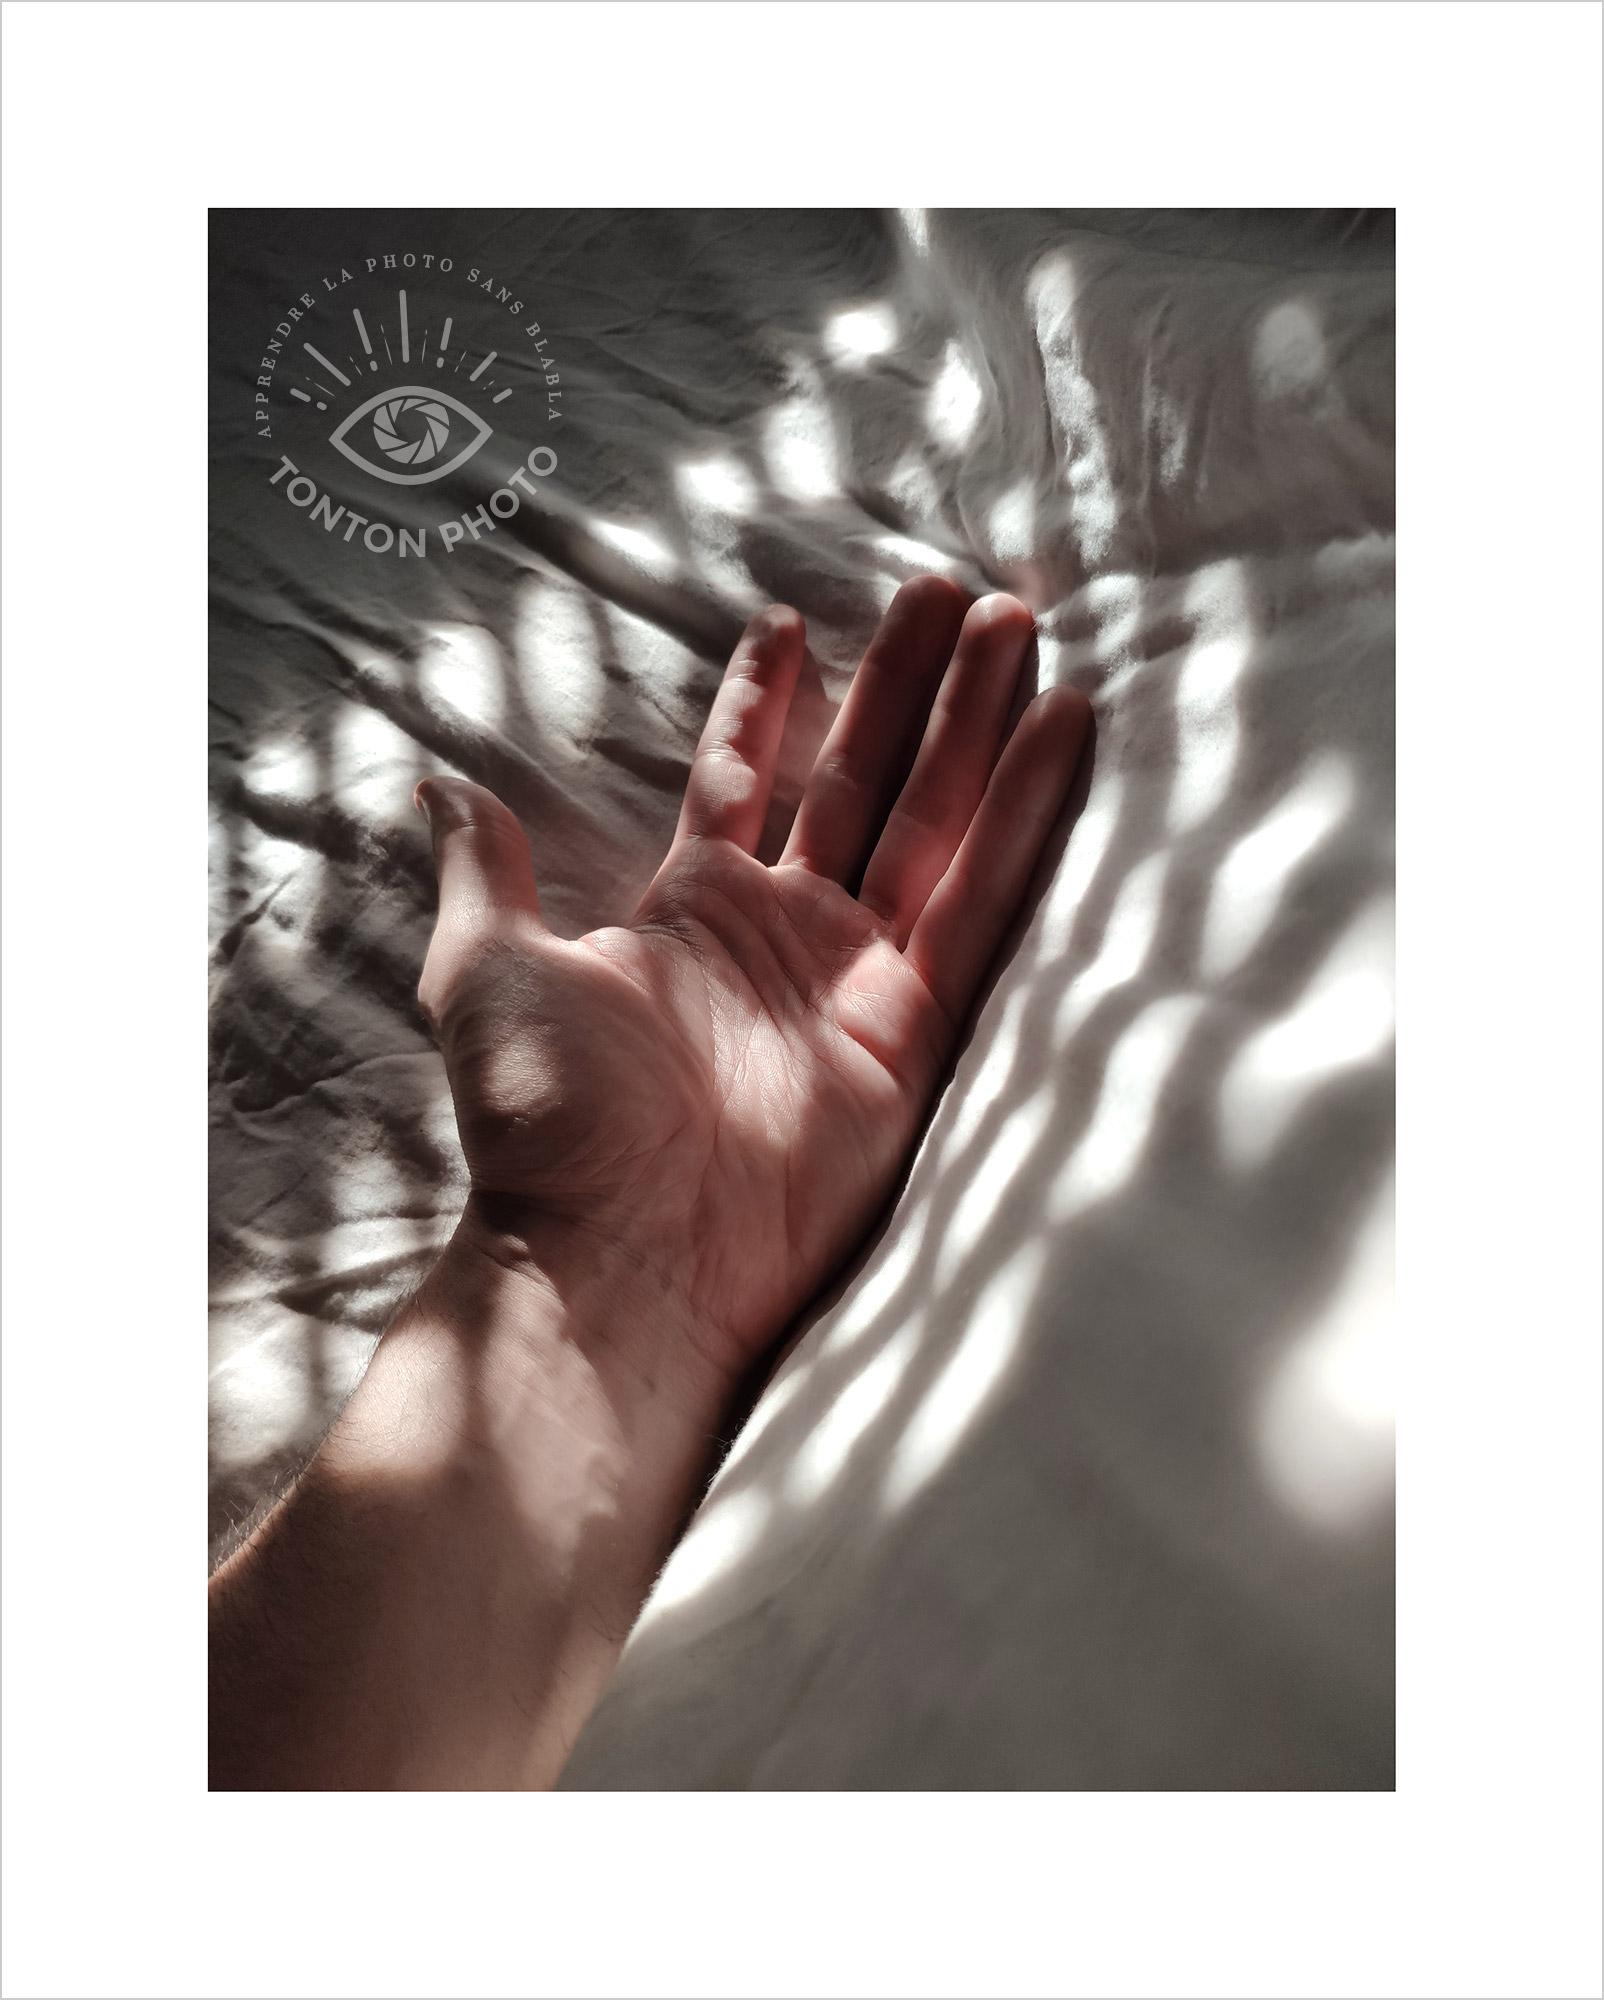 Au lever du jour, jeu d'ombre et de lumière sur les draps à travers les volets de la chambre. Photo prise au smartphone Xiaomi Mi Mix 3 © Tonton Photo